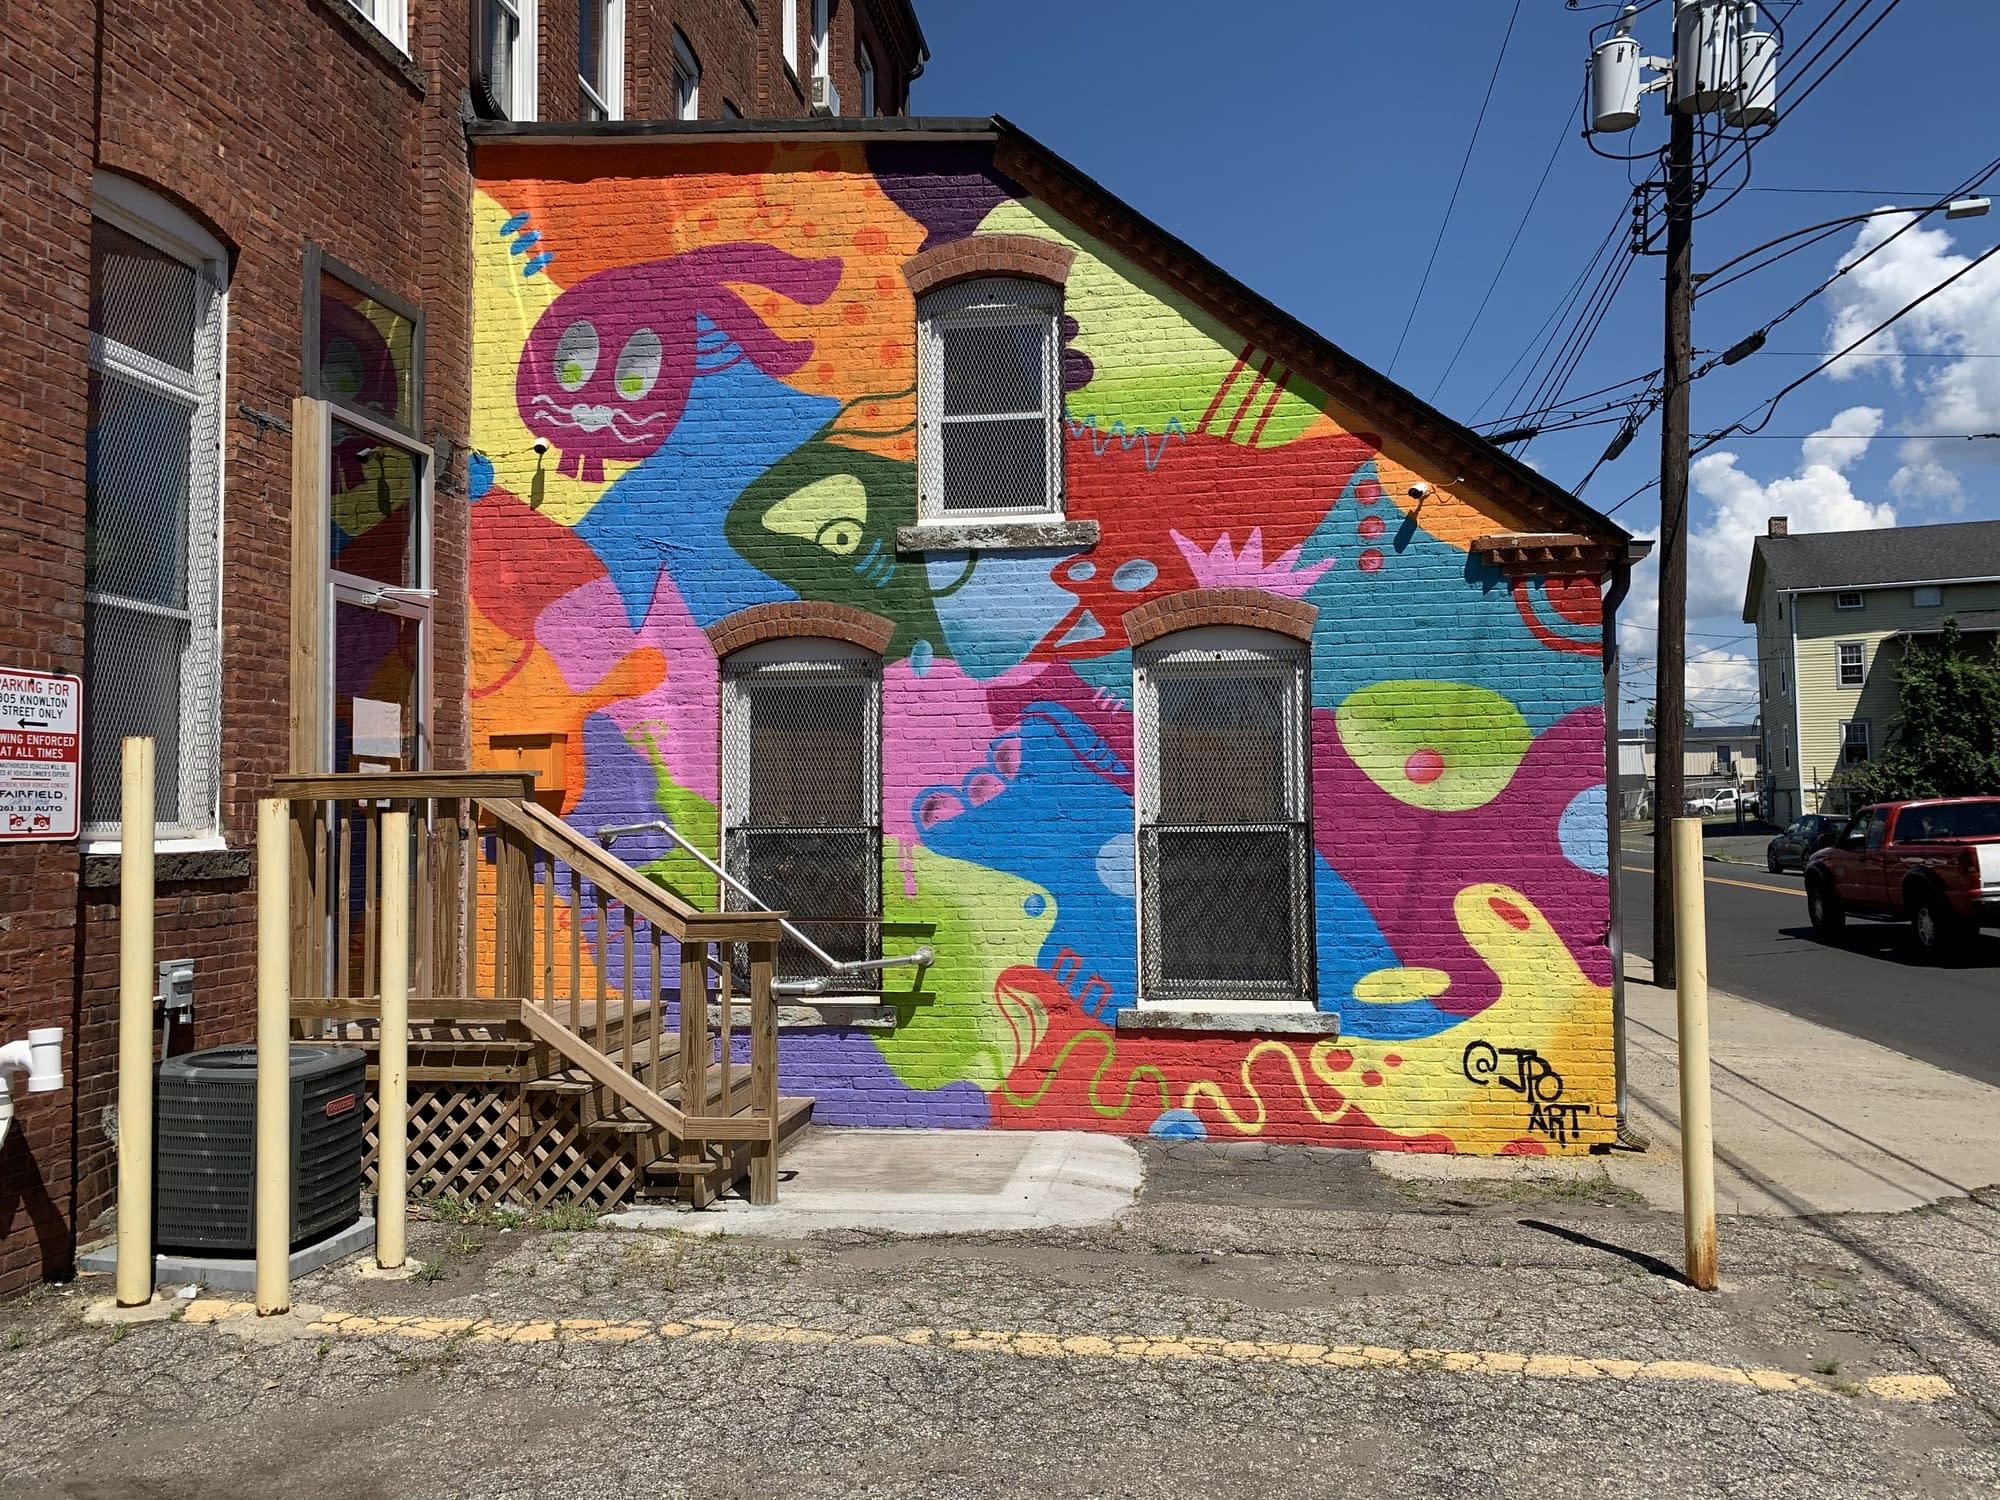 Jpo Art Mural